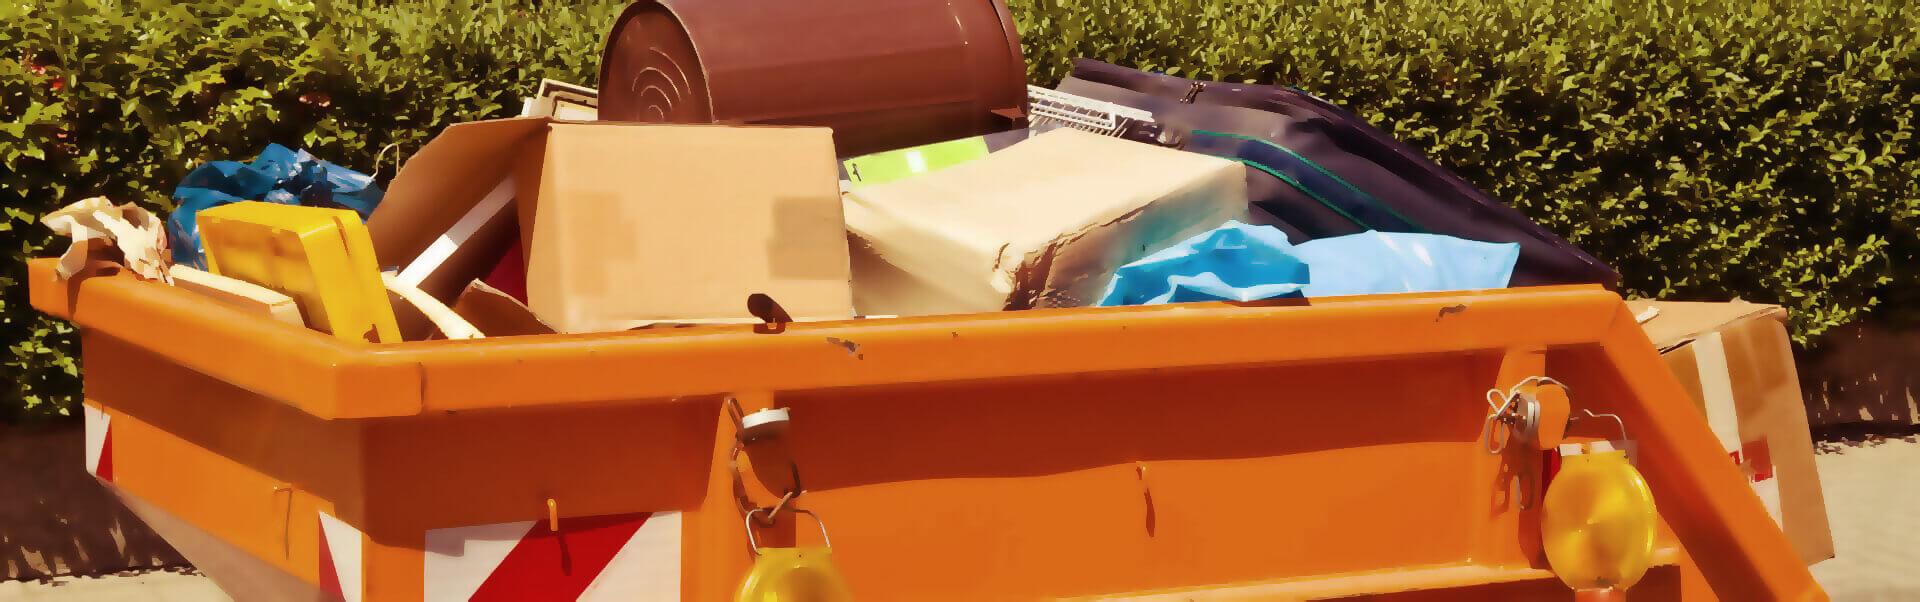 Containerdienst Header Bild